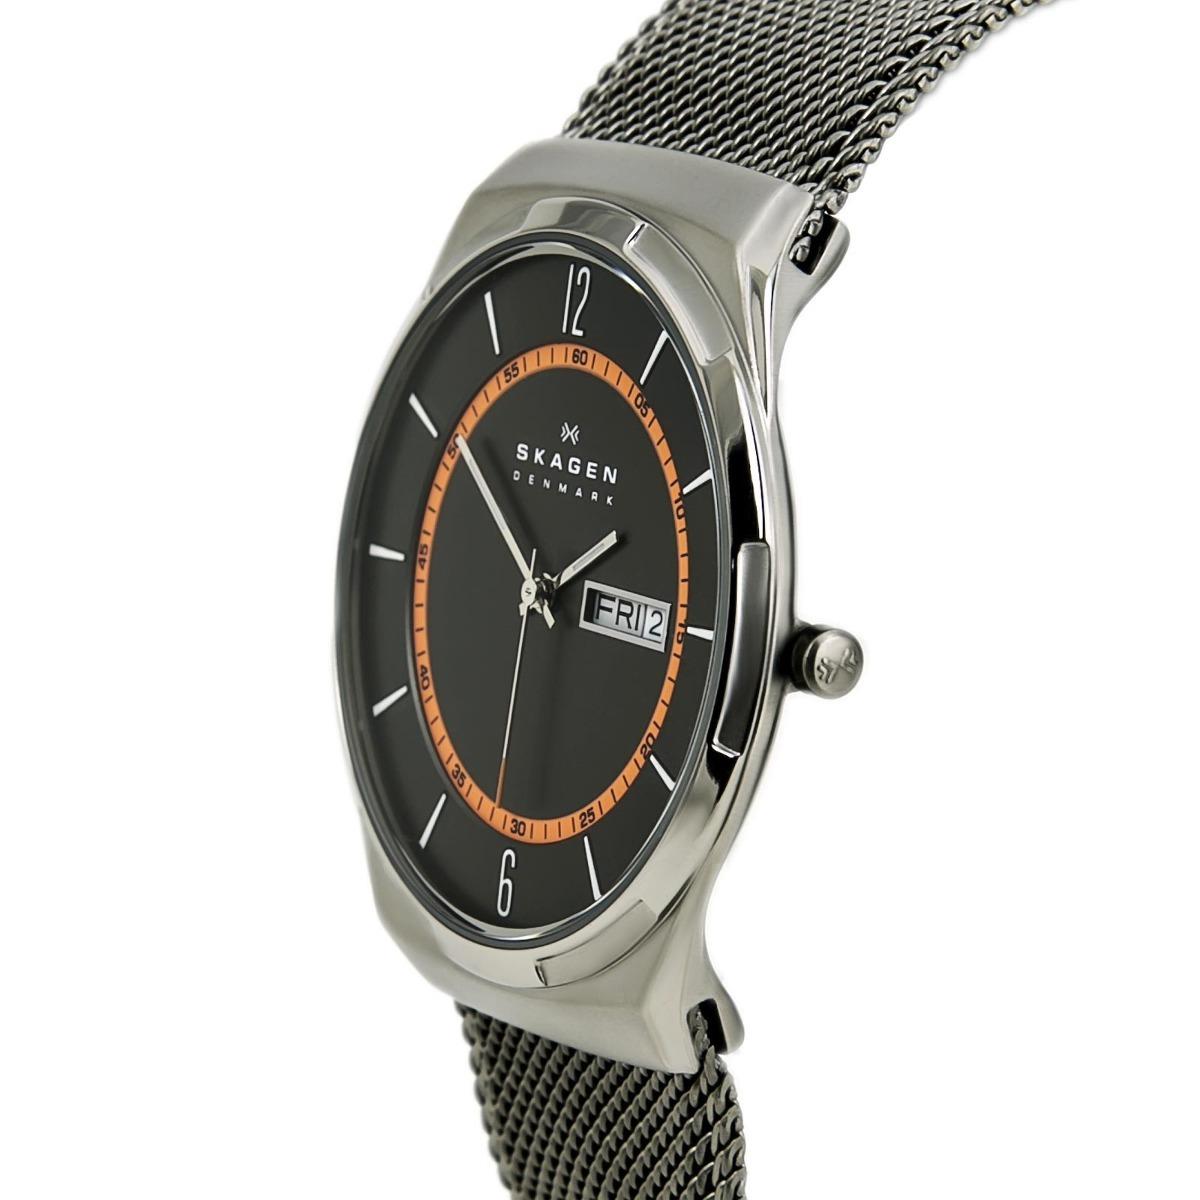 Relógio Skagen Titanium Slim Skw6007 - R  999,00 em Mercado Livre a252be514c